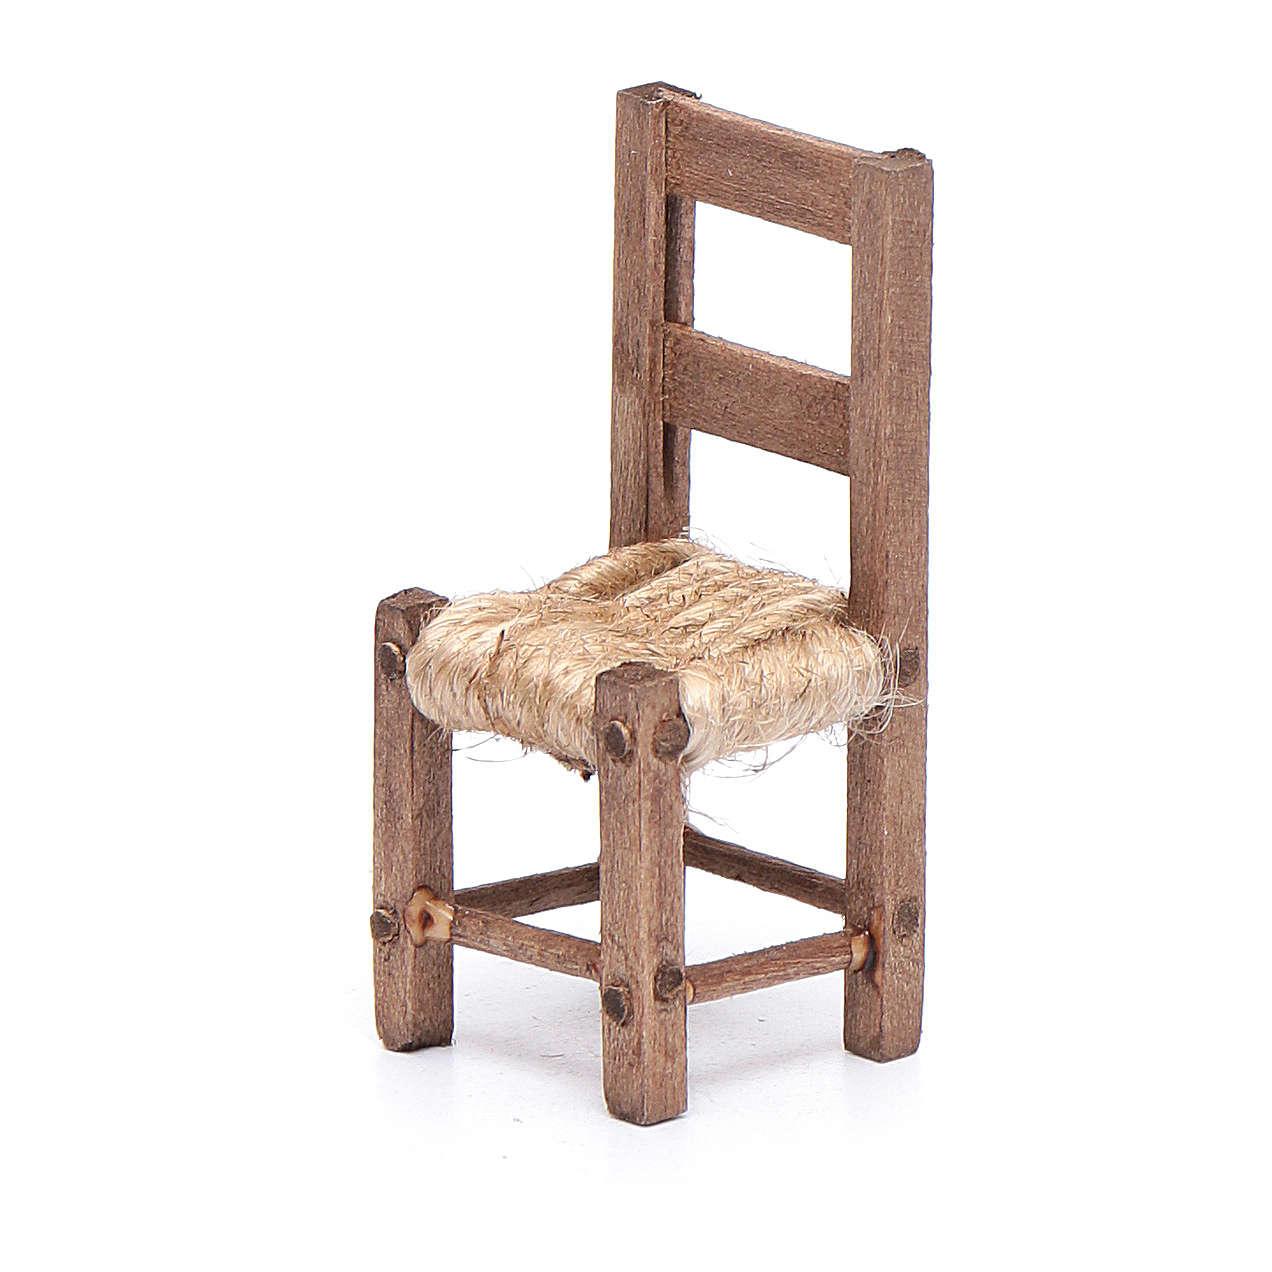 Krzesło drewno i sznurek 5 cm szopka neapolitańska 4